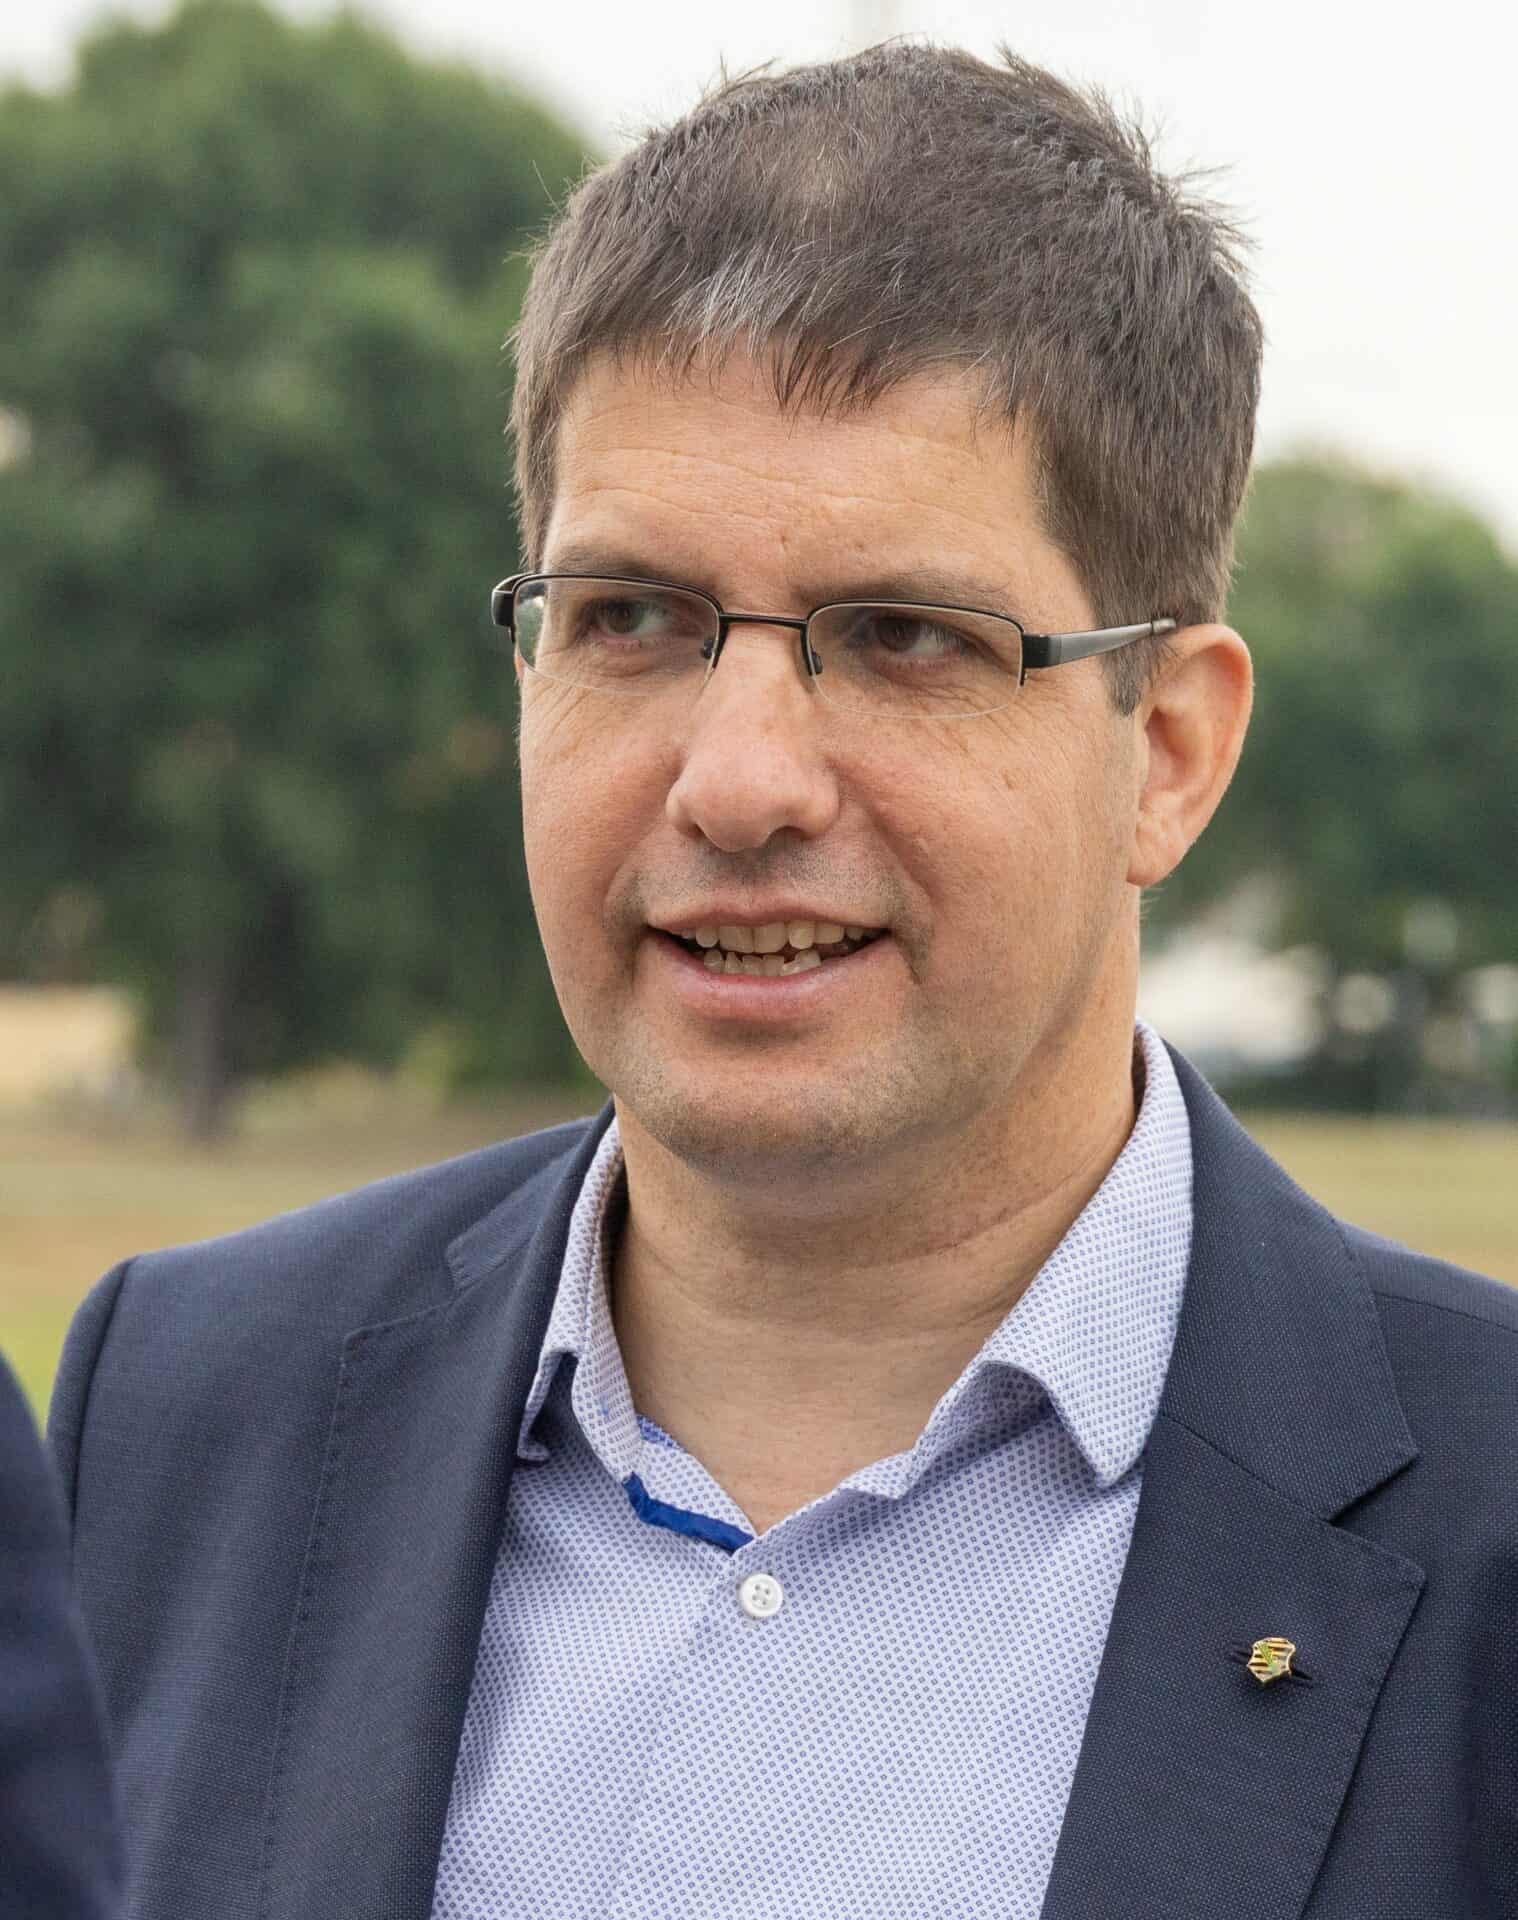 Ivo Teichmann – Rede im Landtag vom 29.09.2021